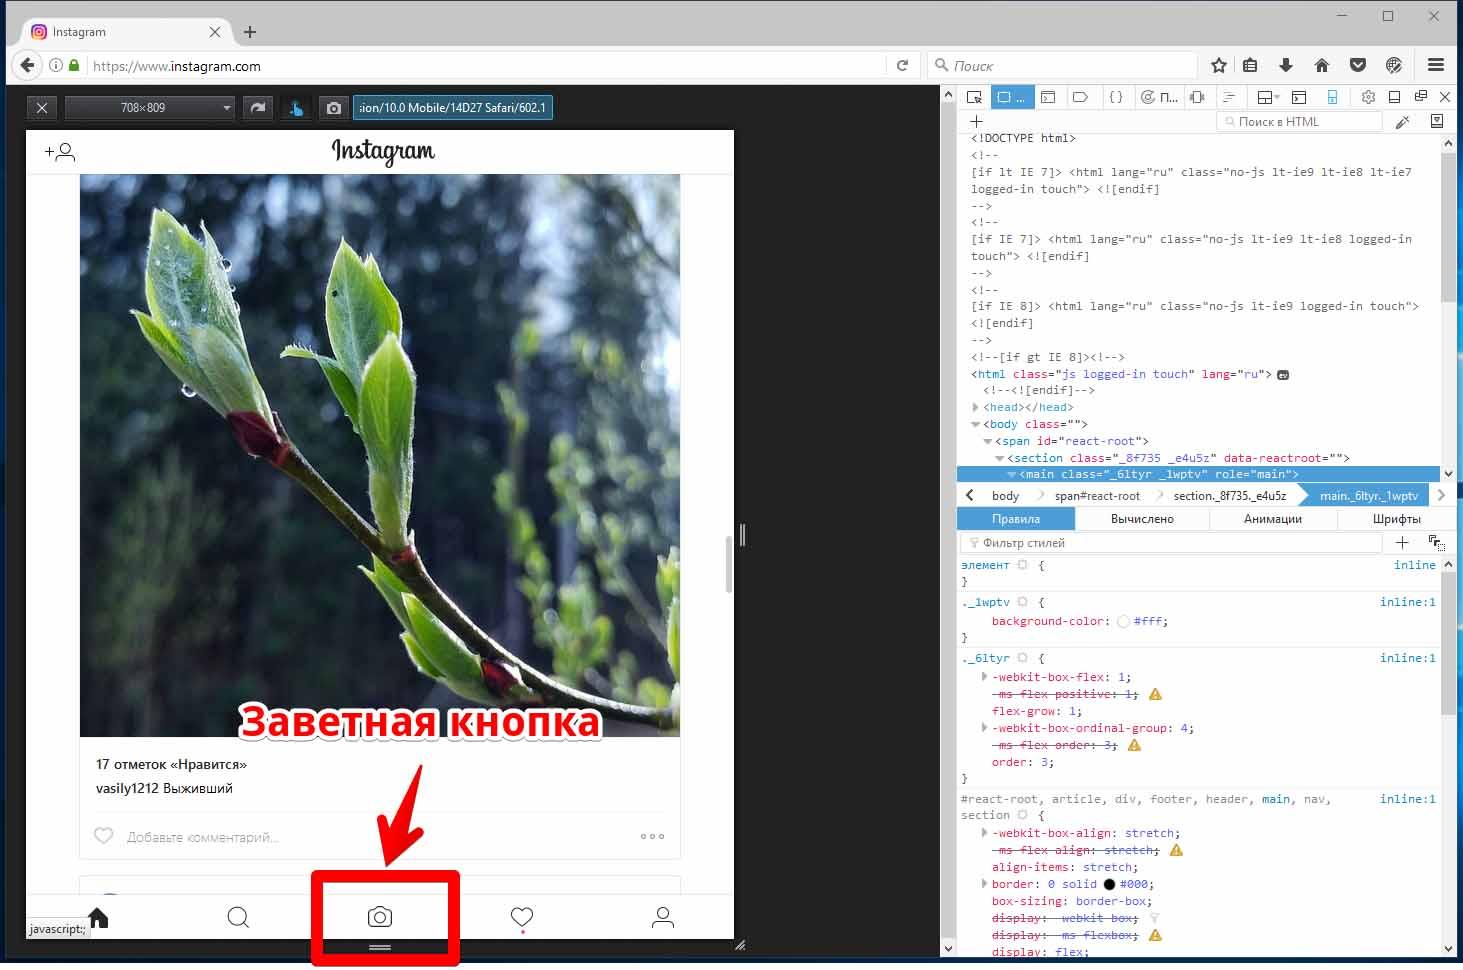 Как загрузить фото в инстаграм с компьютера - postingram